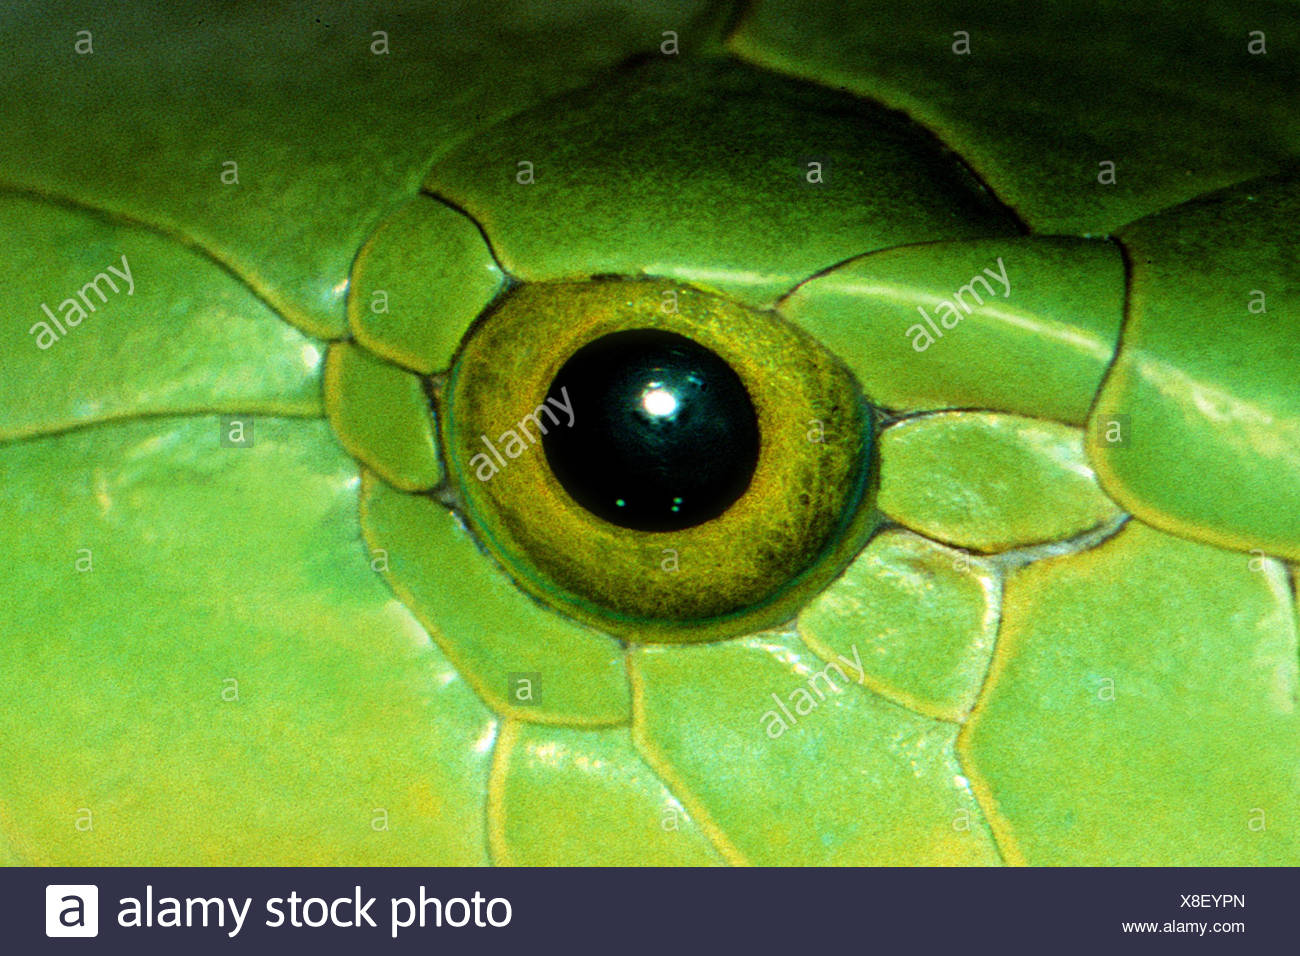 snake eye - Stock Image